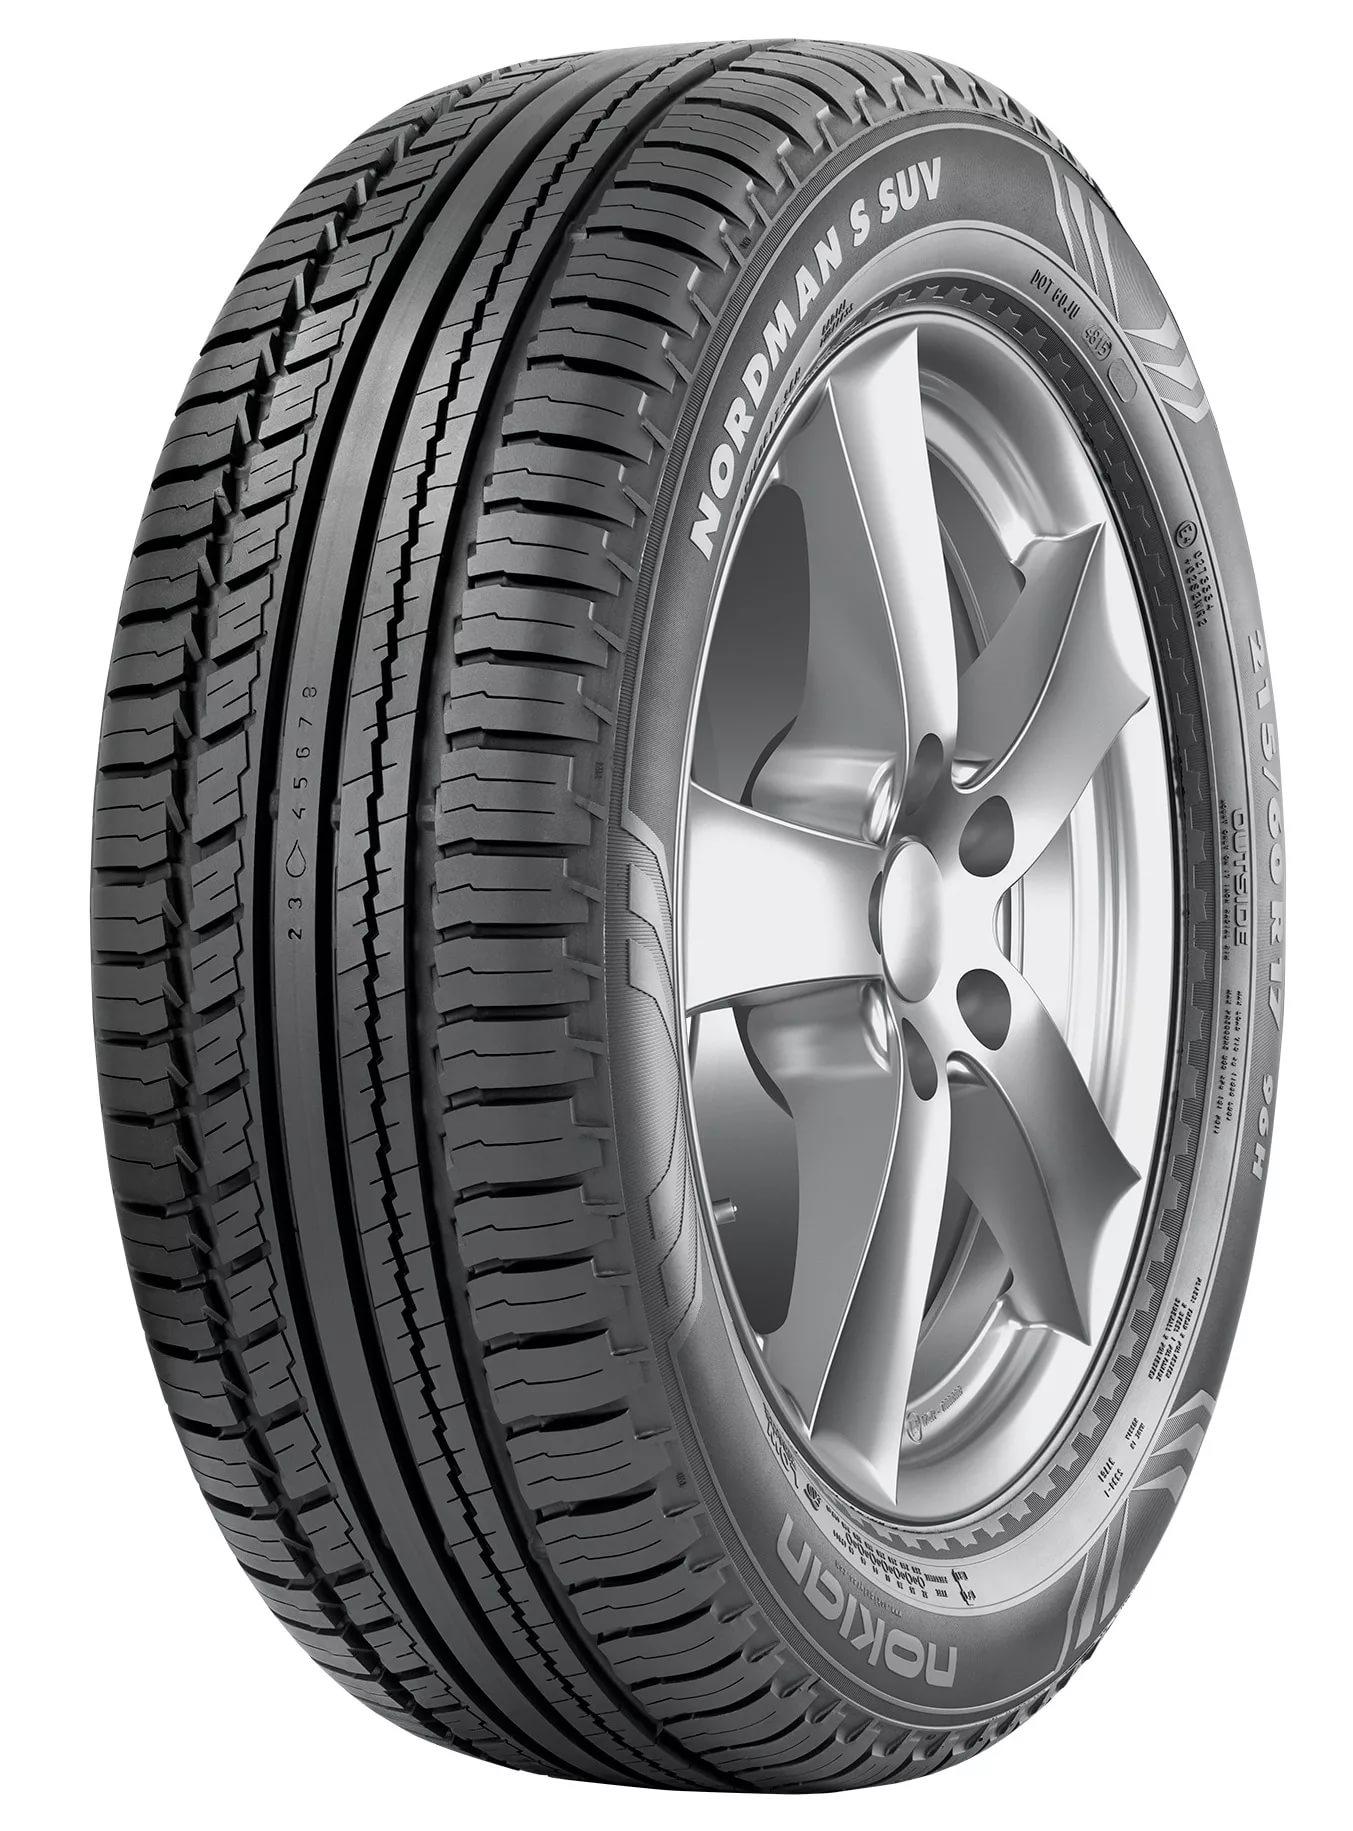 Автошина R16 215/70 Nokian Nordman S SUV 100T лето, Nokian Tyres, Лето  - купить со скидкой